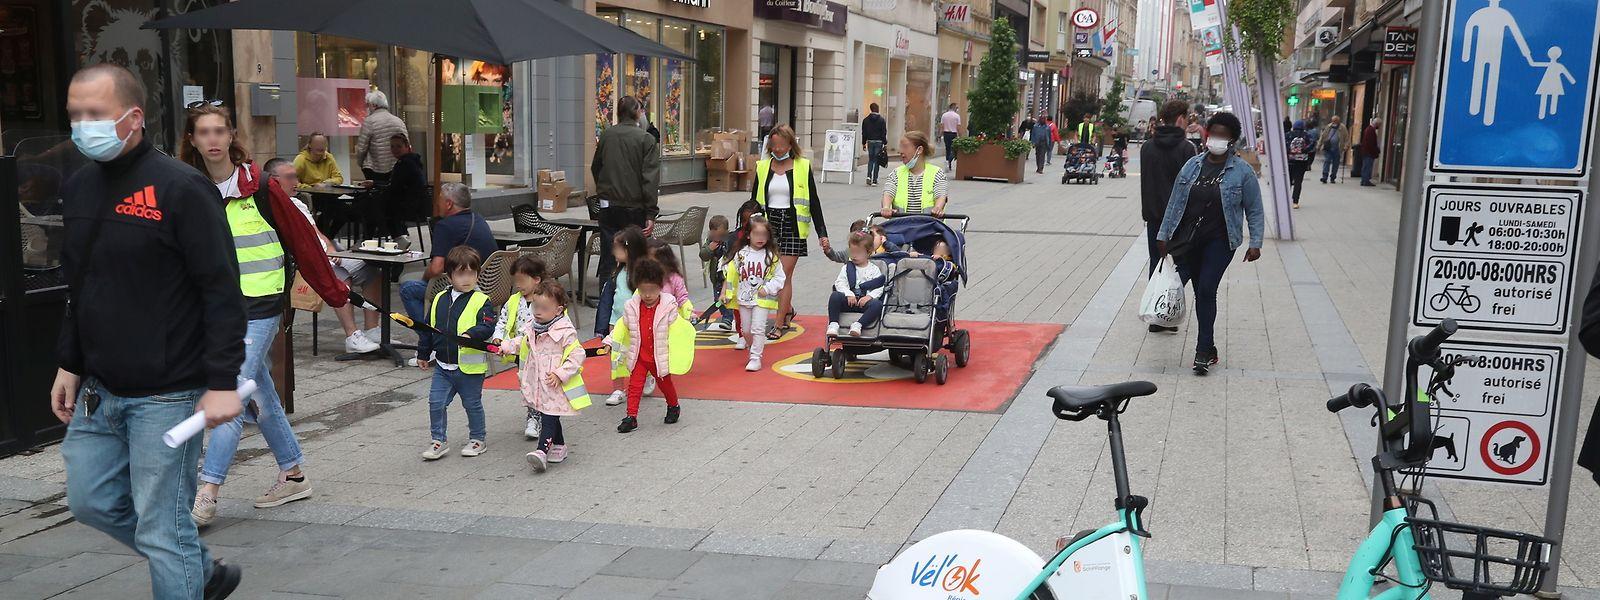 Die Schilder zeigen: Fahrräder sind in der Fußgängerzone tagsüber nicht erwünscht.